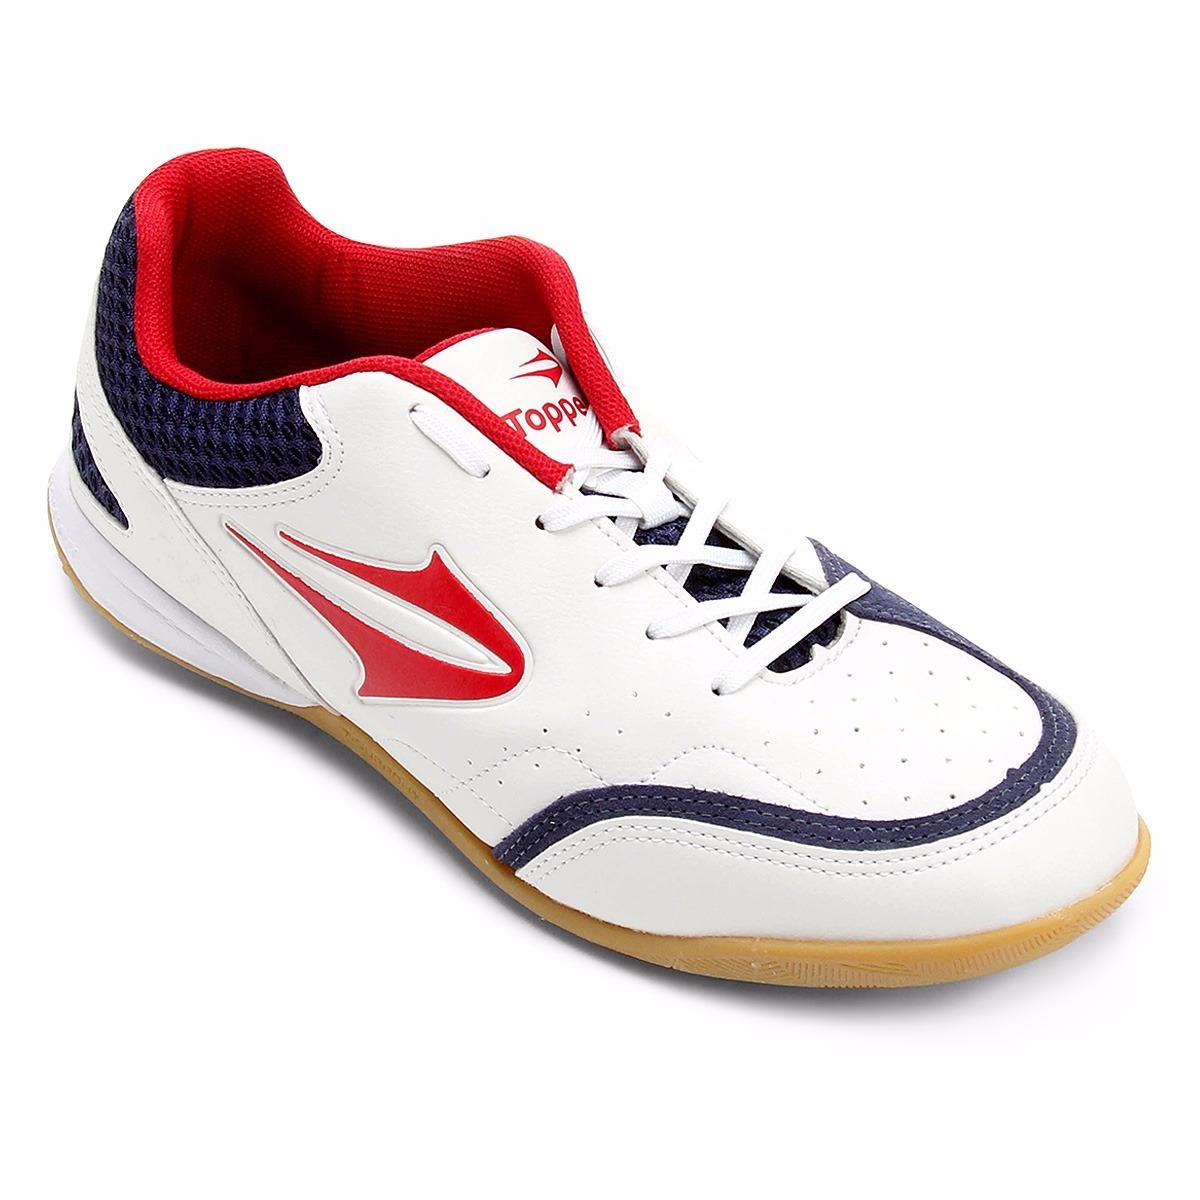 tênis futsal topper maestro masculino futebol de salão top. Carregando zoom. de75902135538